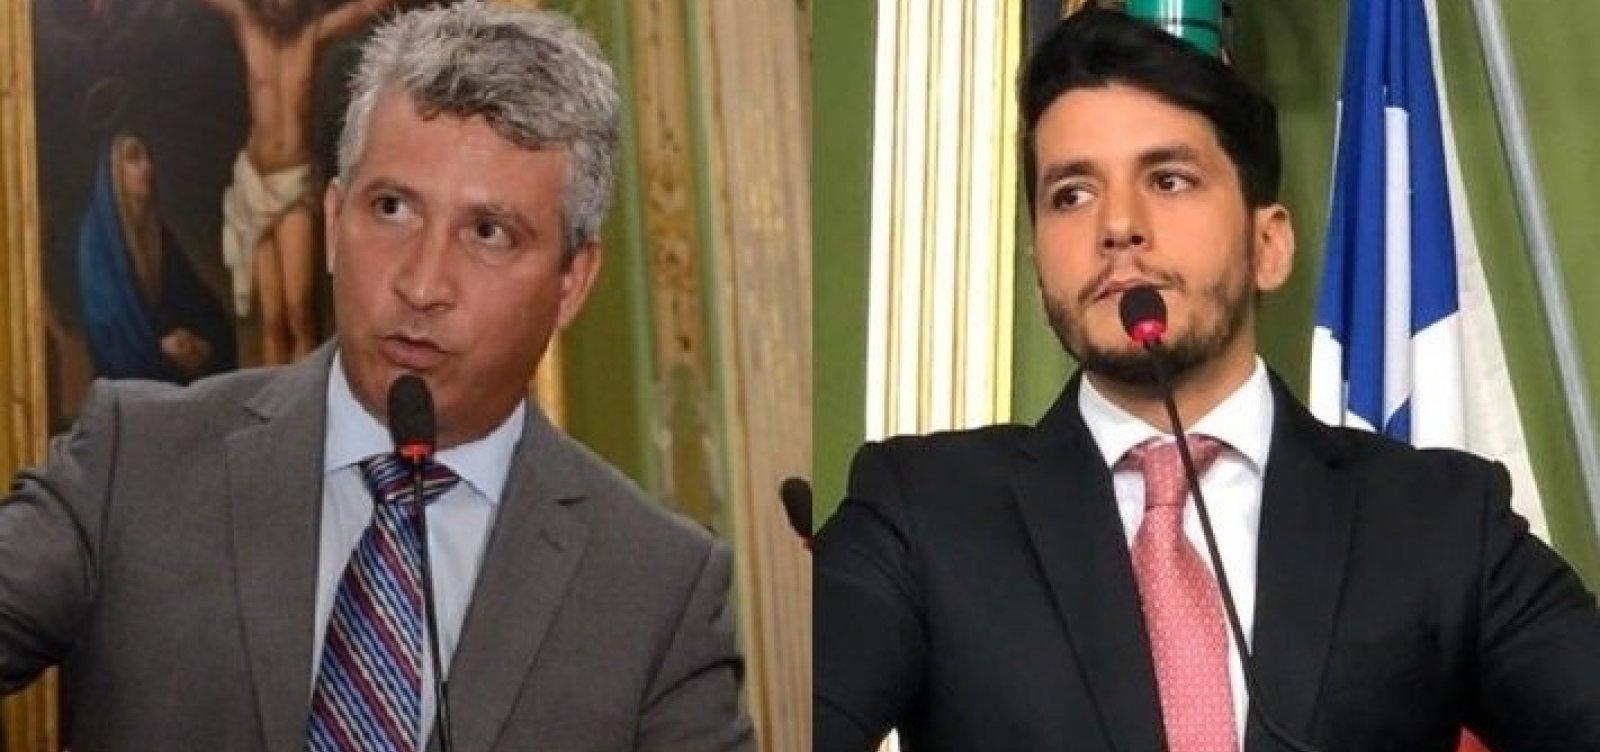 Carballal ameaça 'dar lição' em Duda Sanches após suposta invasão de reduto eleitoral; veja conversa